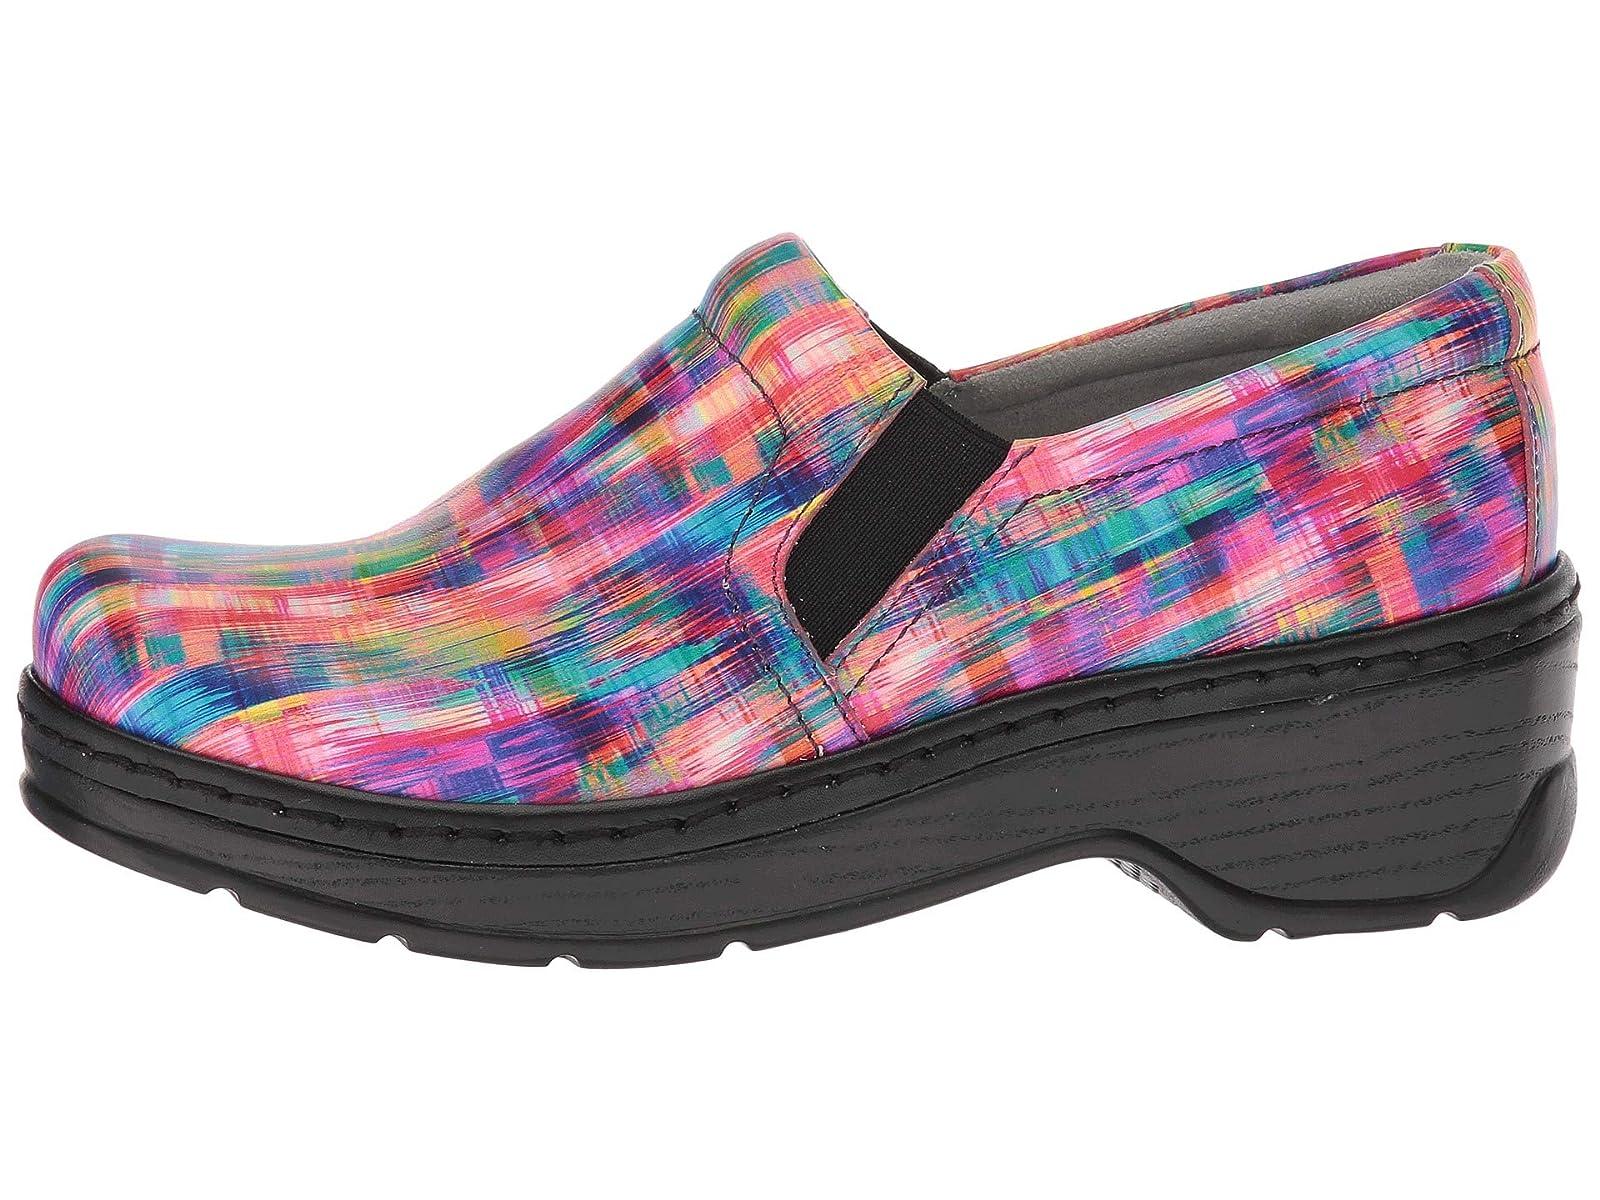 chaussures pour hommes / femmes femmes femmes de naples klogs promotions dbb850